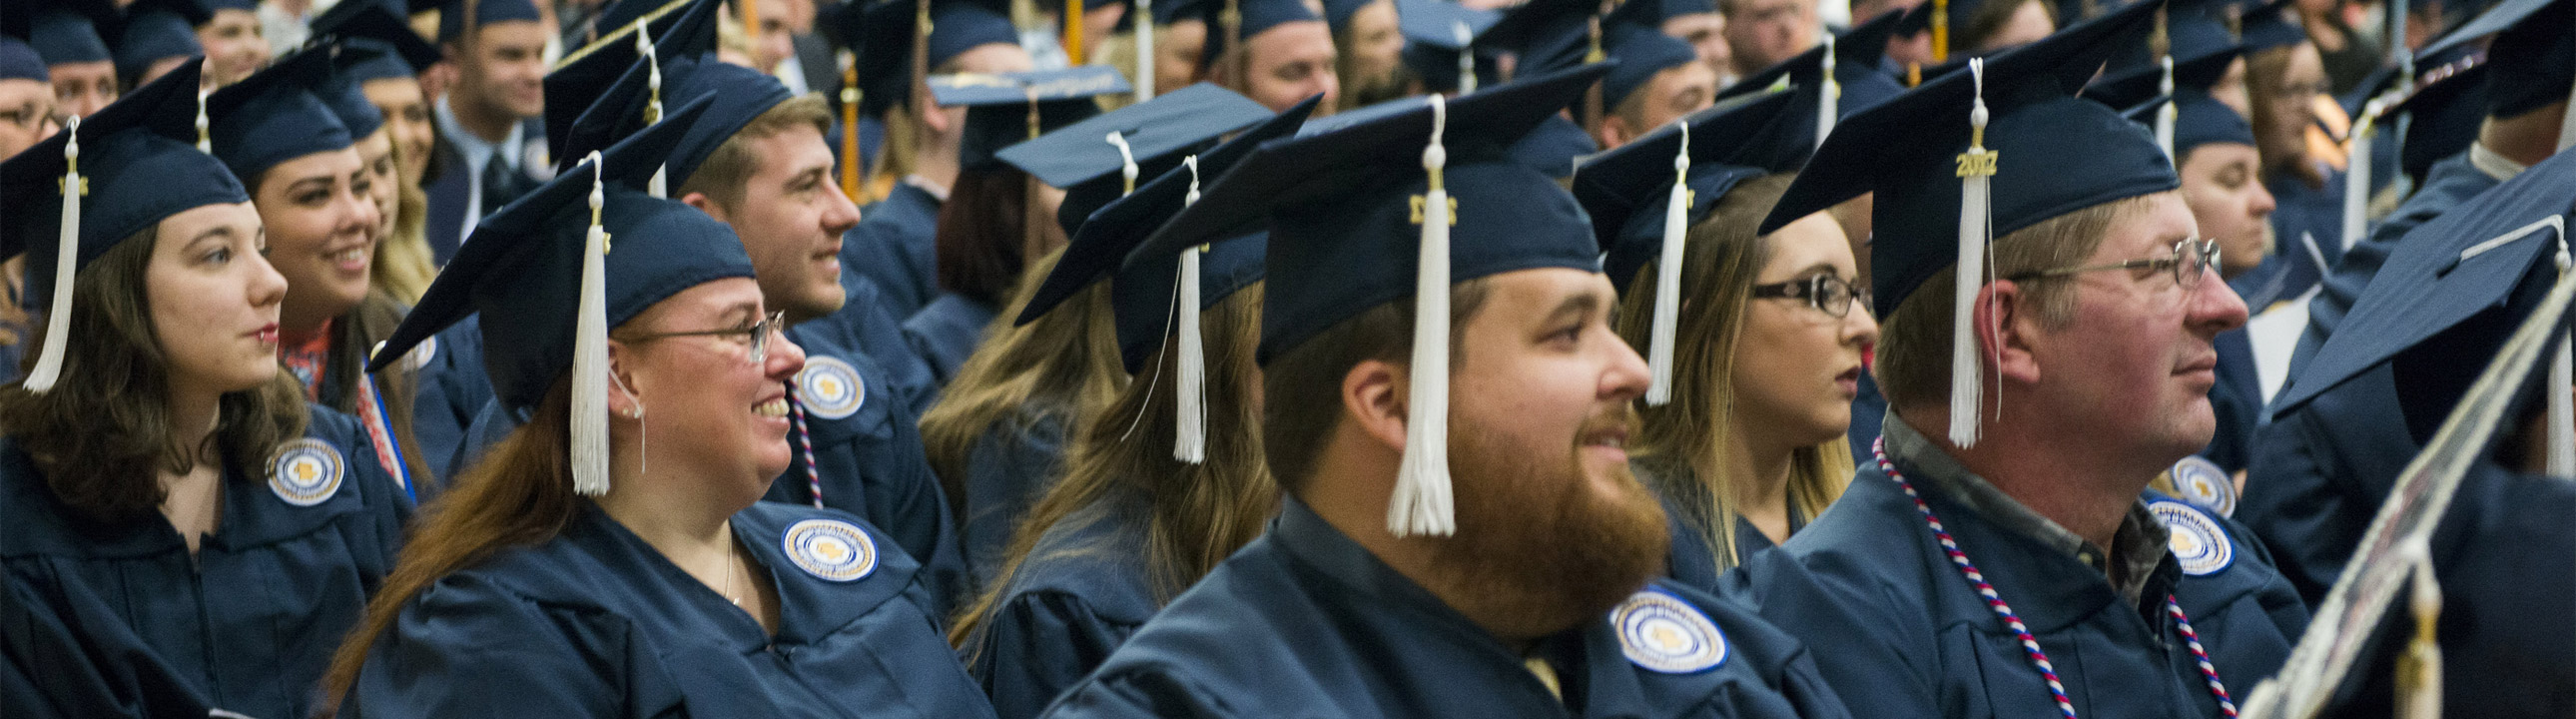 Graduation & Commencement